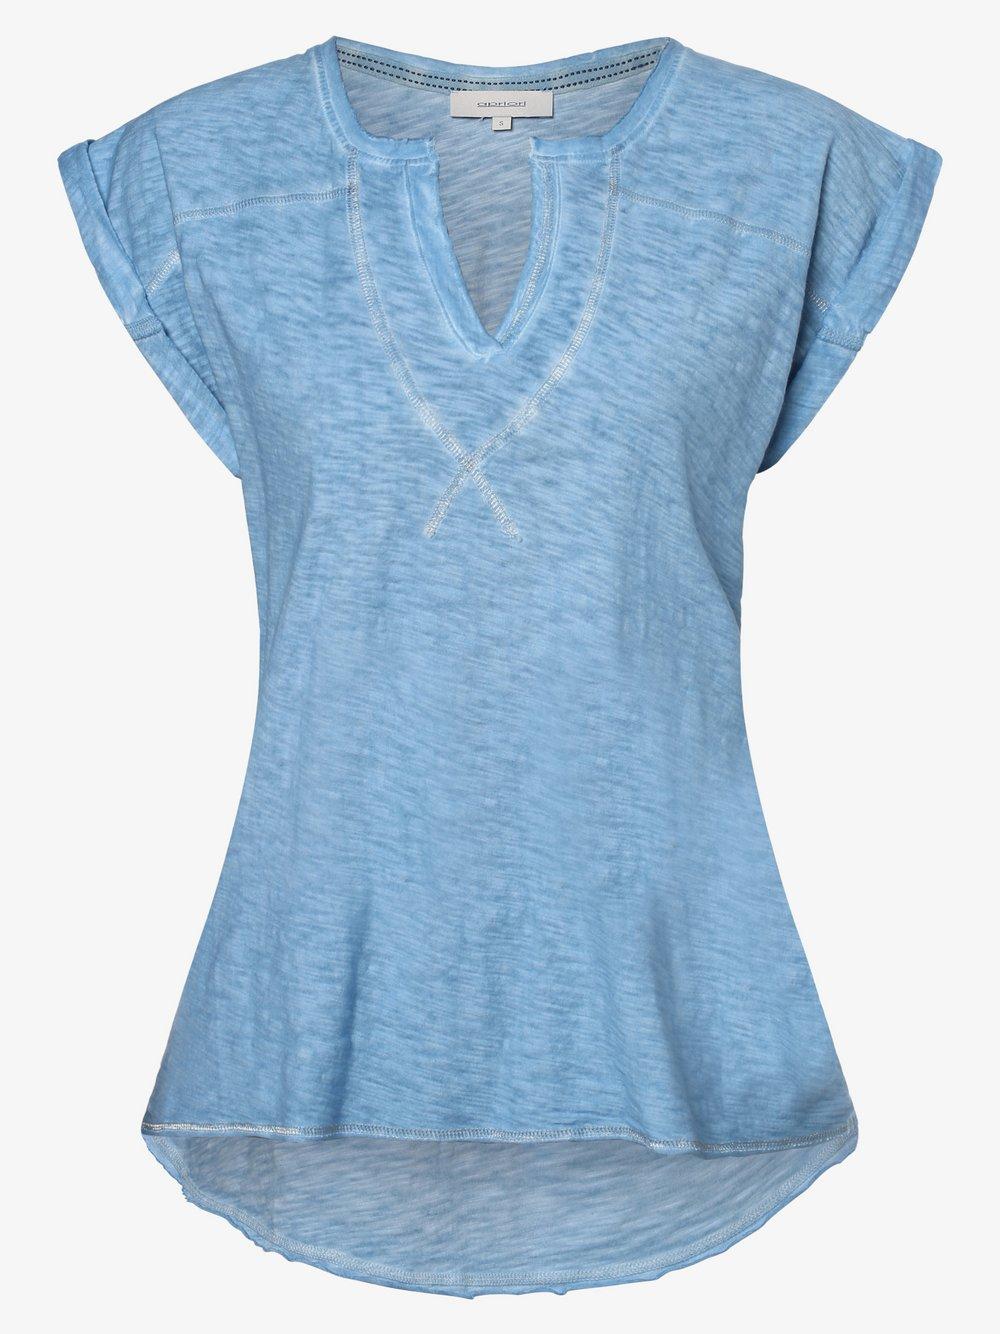 Apriori - T-shirt damski, niebieski